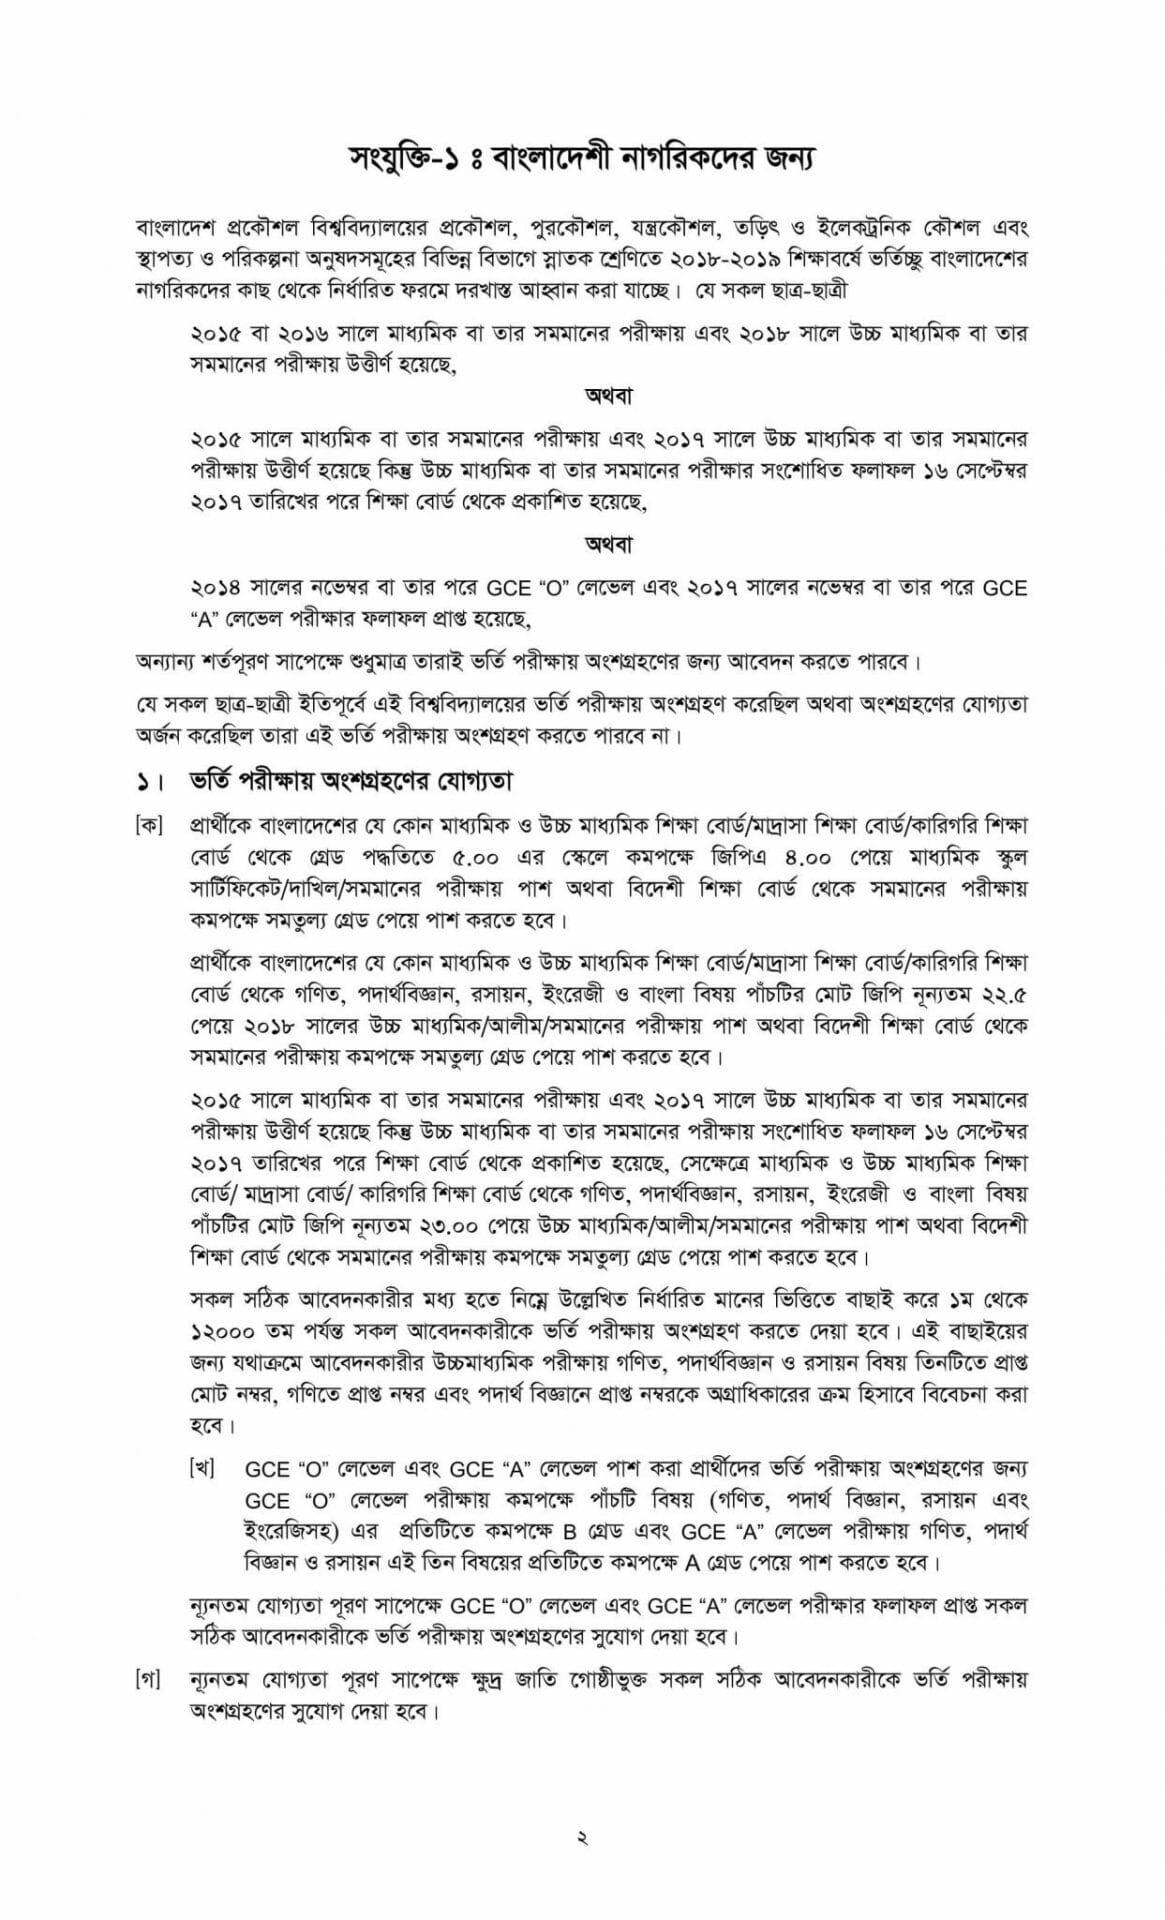 Bangladesh University of Engineering & Technology Admission Guideline-1